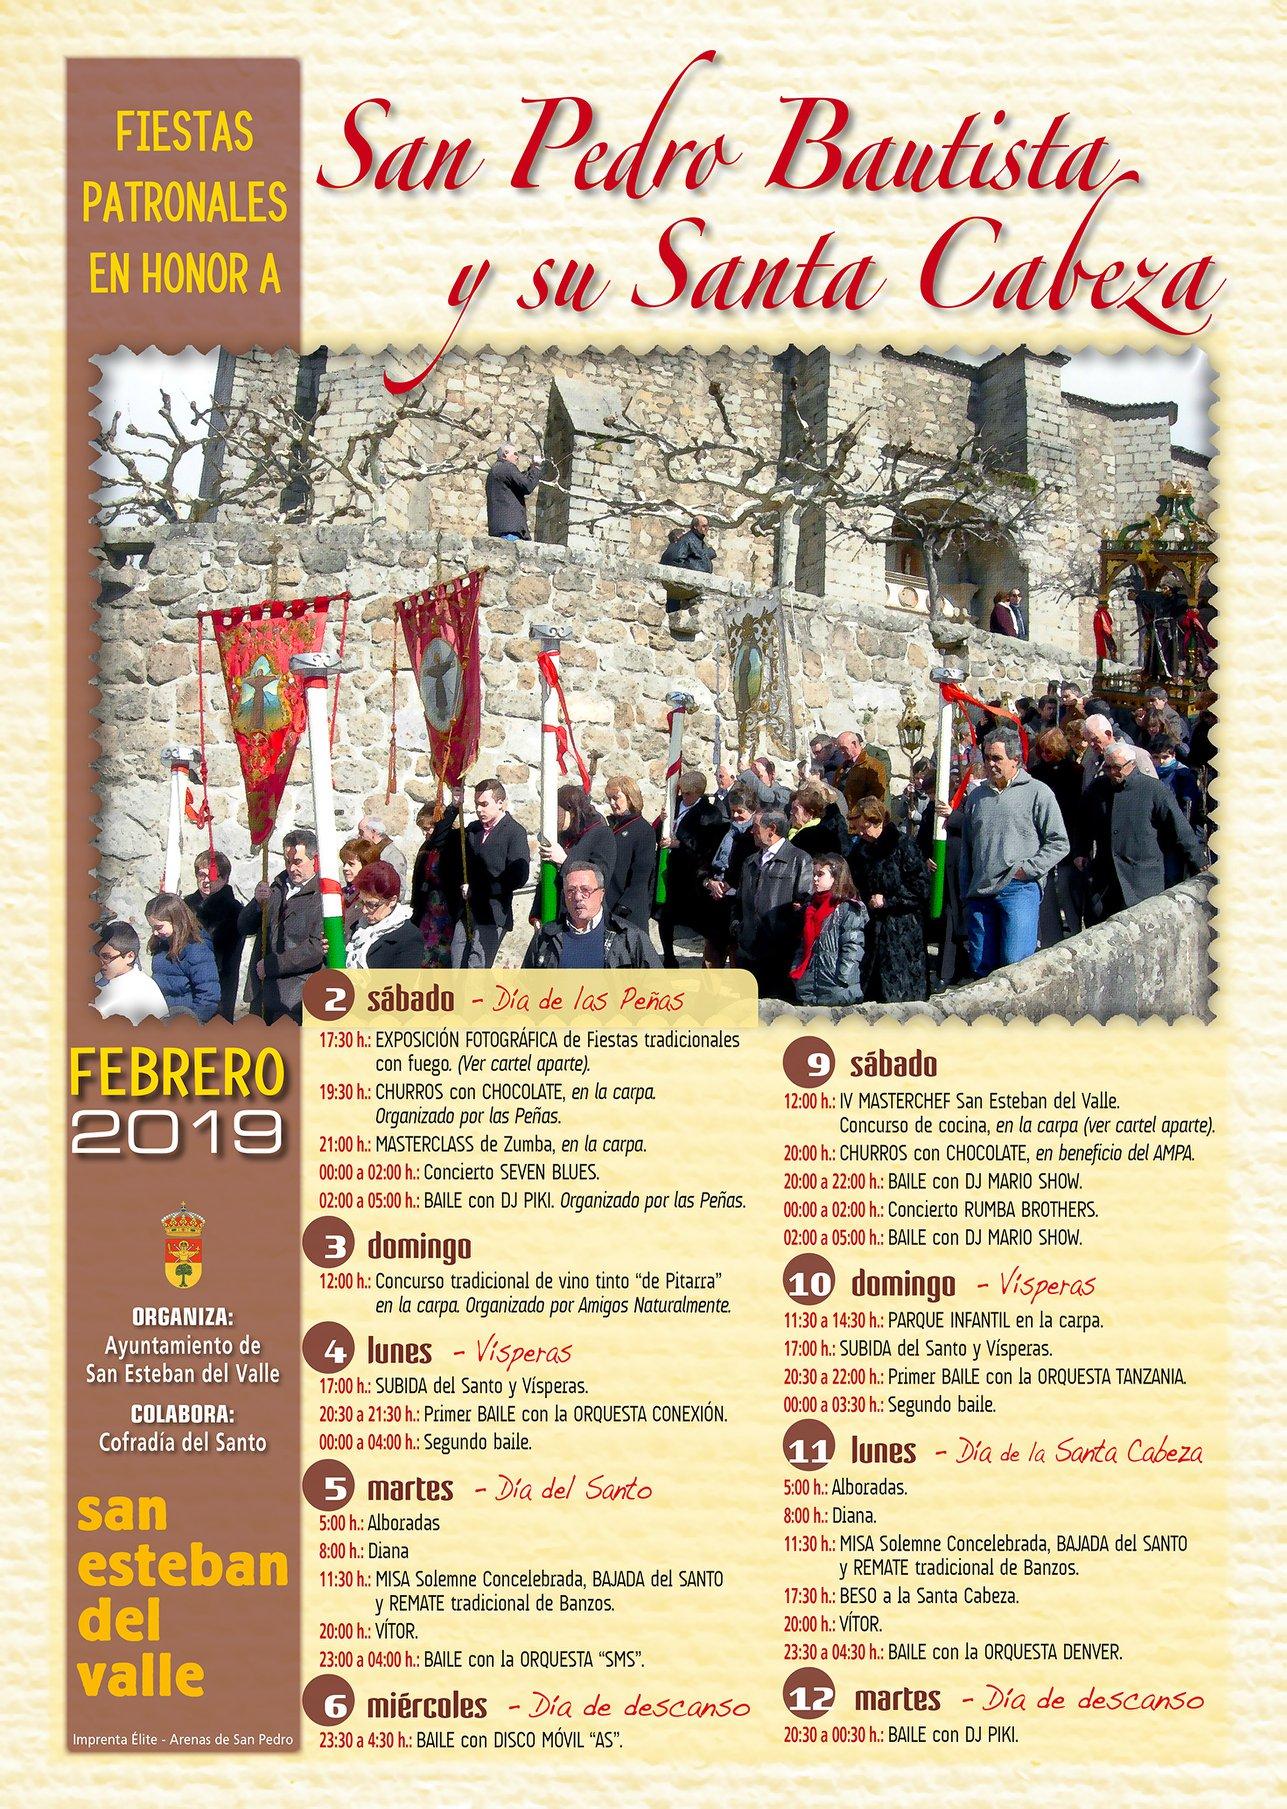 Fiestas patronales en honor a San Pedro Bautista y su Santa Cabeza en San Esteban del Valle 2019 - TiétarTeVe